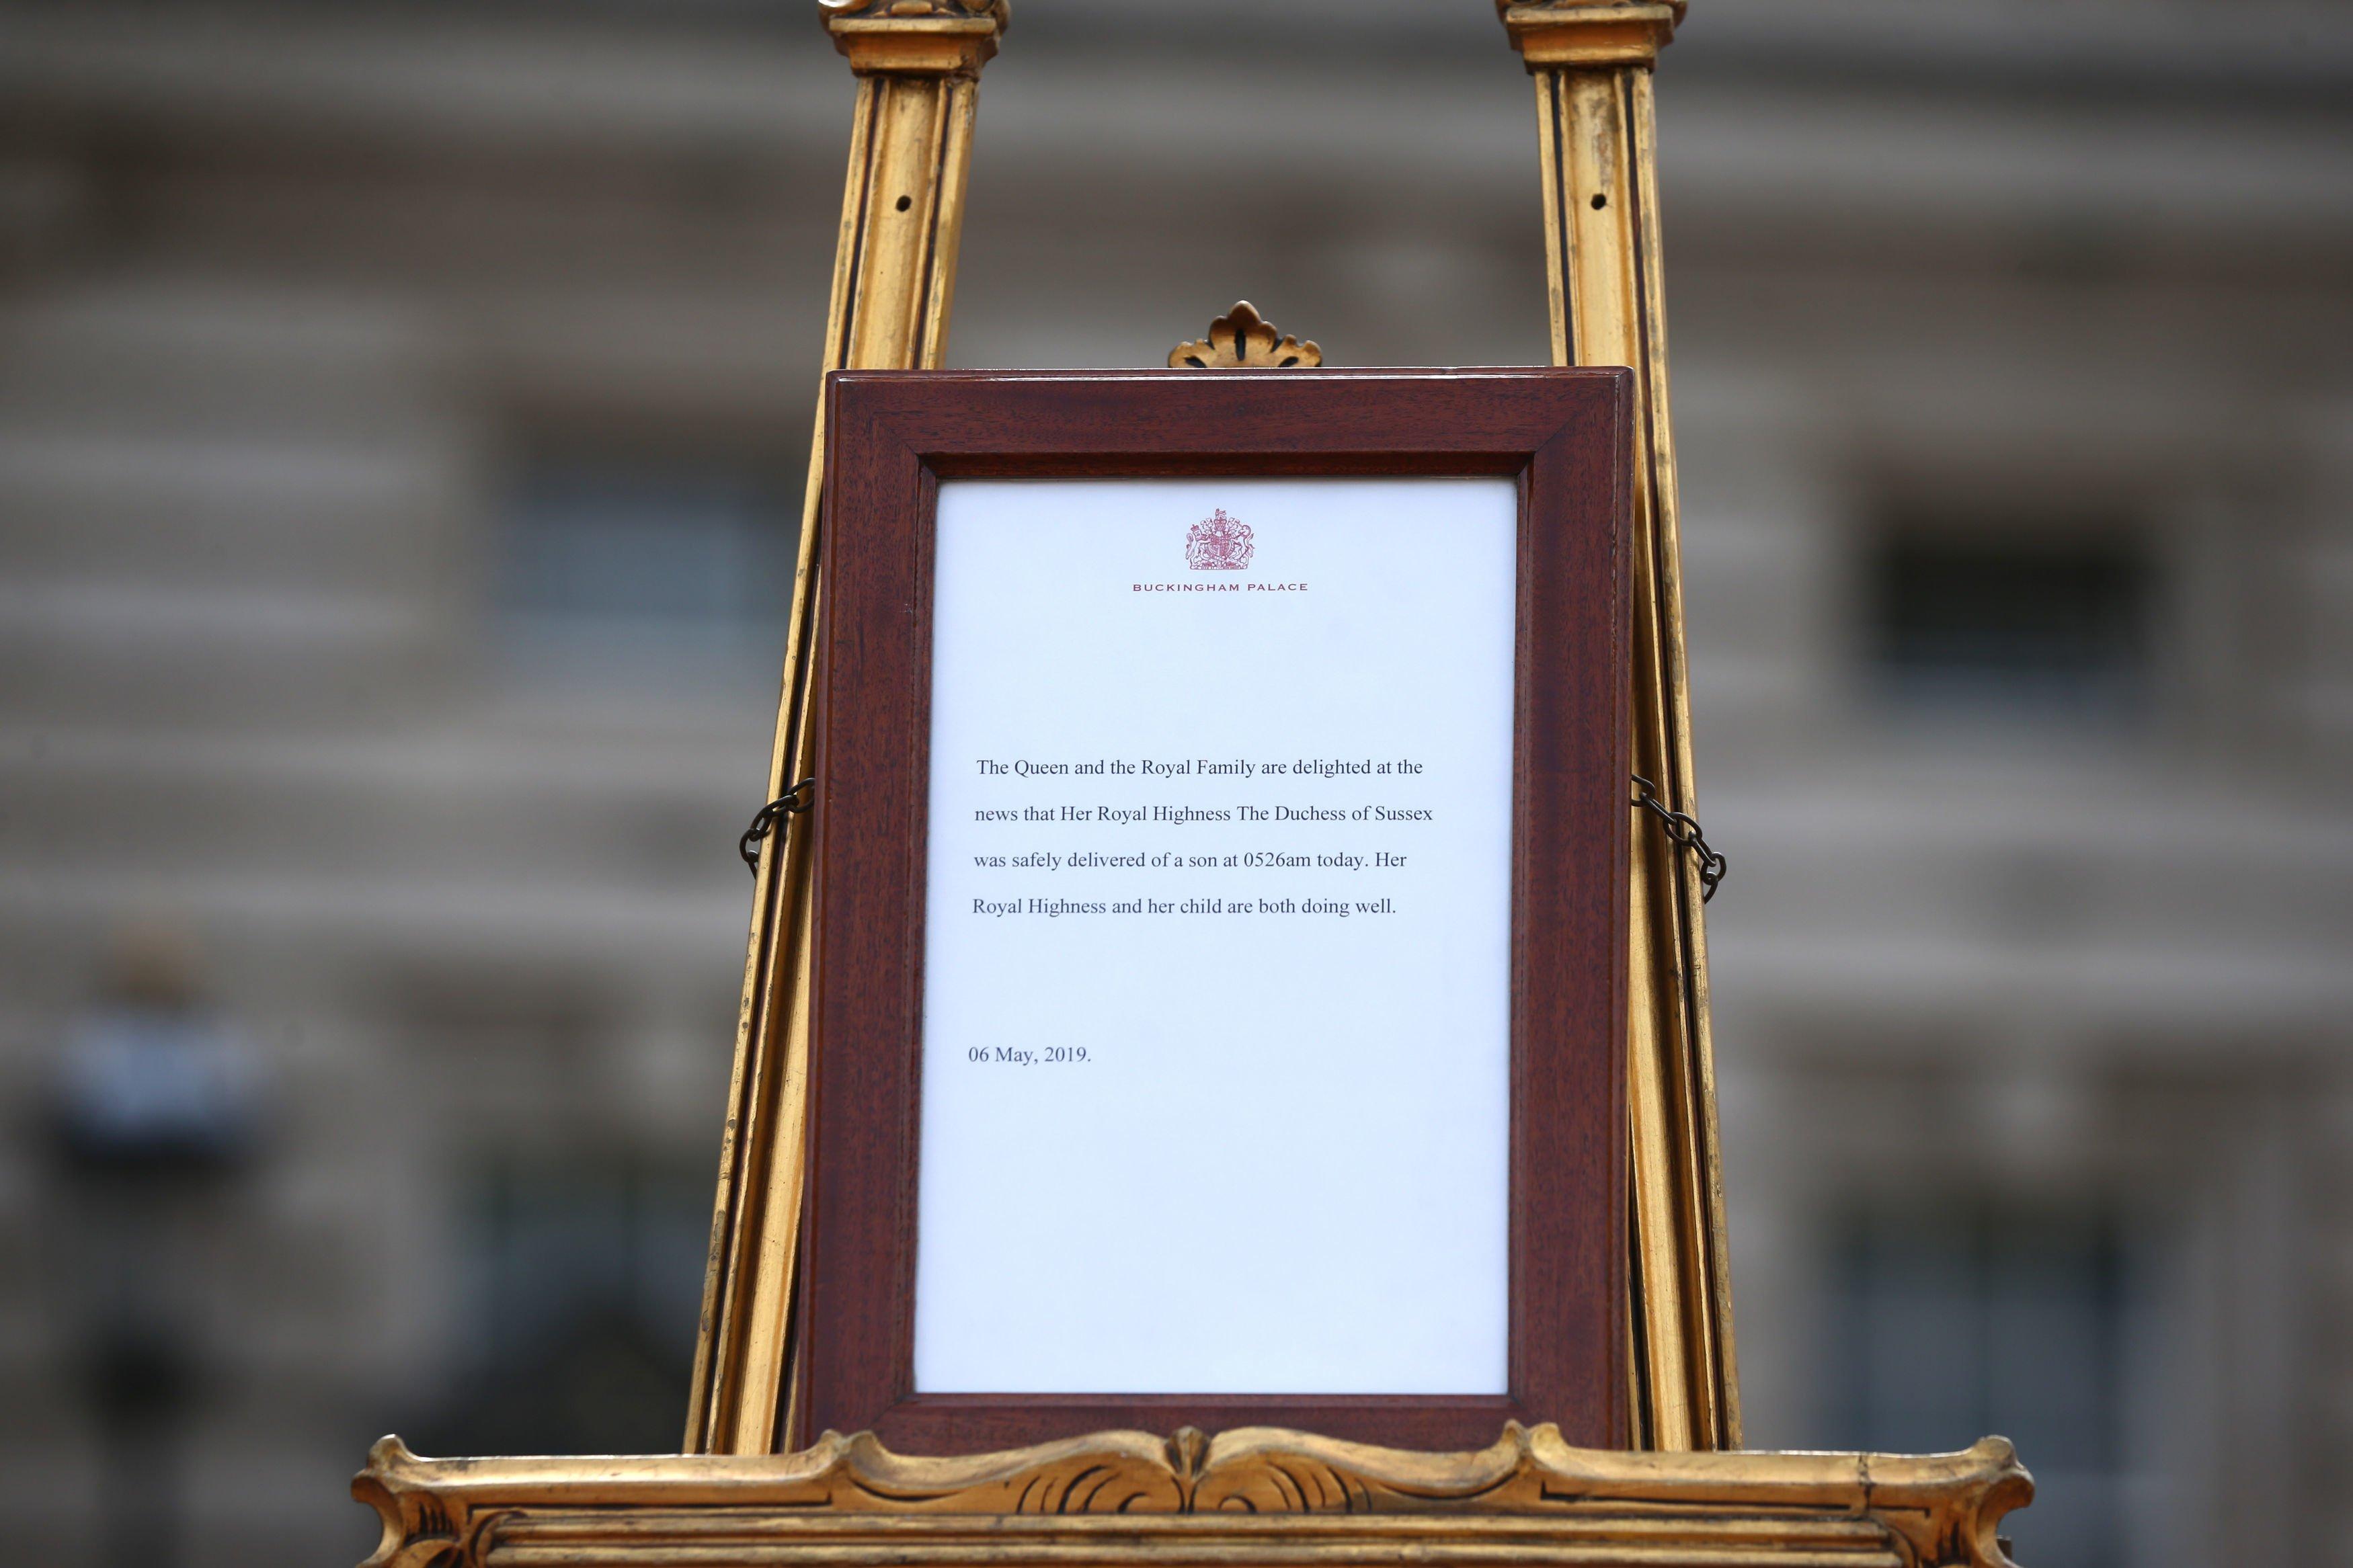 L'avis officiel de la naissance du premier enfant du duc et de la duchesse de Sussex à l'extérieur de Buckingham Palace | Photo : Getty Images